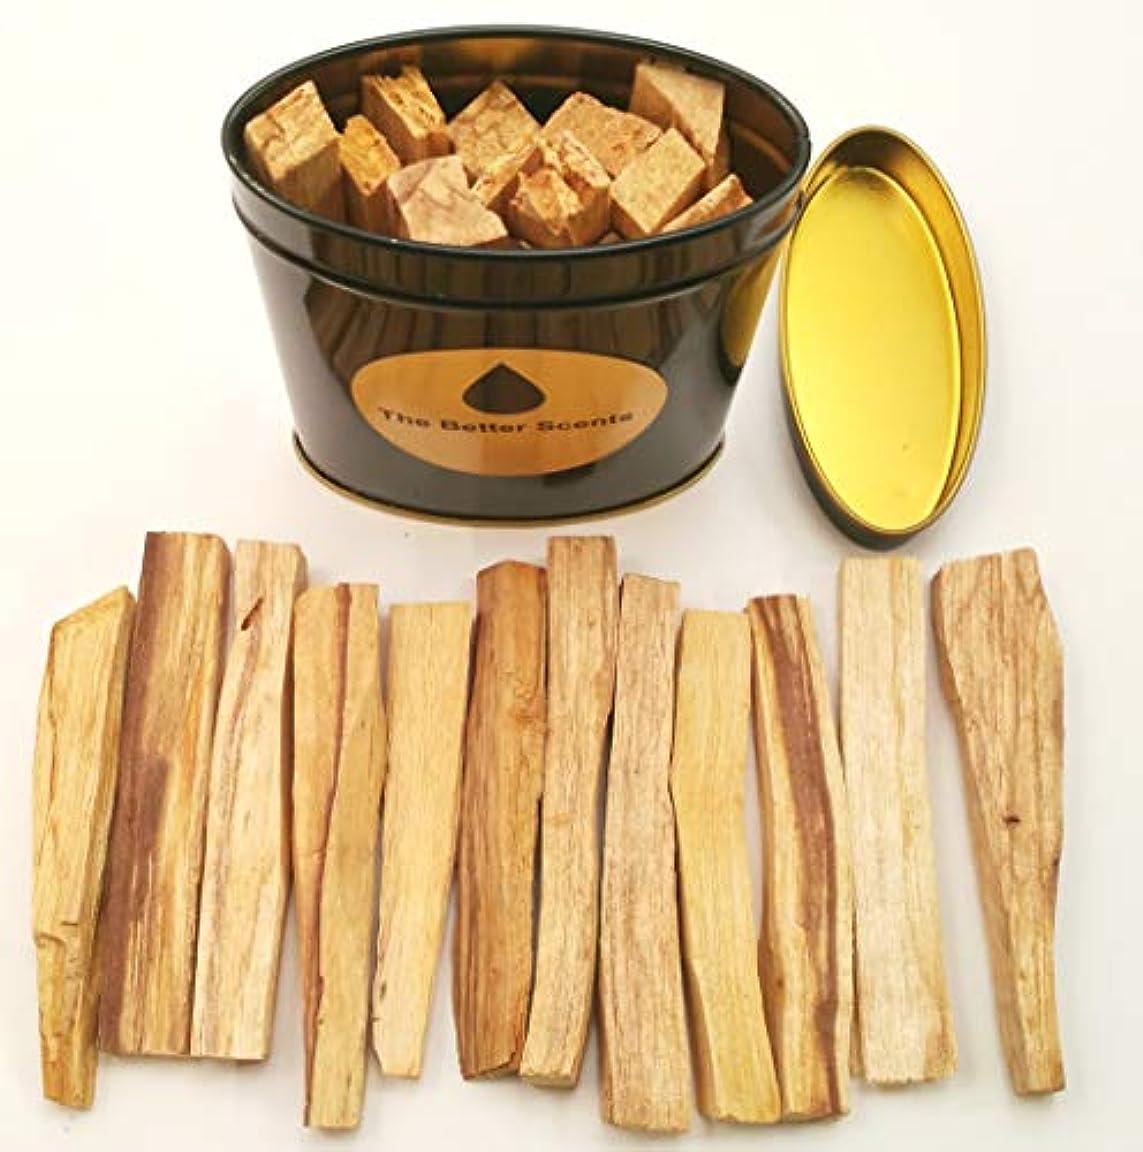 効果的に売るホップPalo Santo Sticks ギフトボックス - オーガニックな野生収穫 本物の100%天然無成型パロサント スマッジスティック